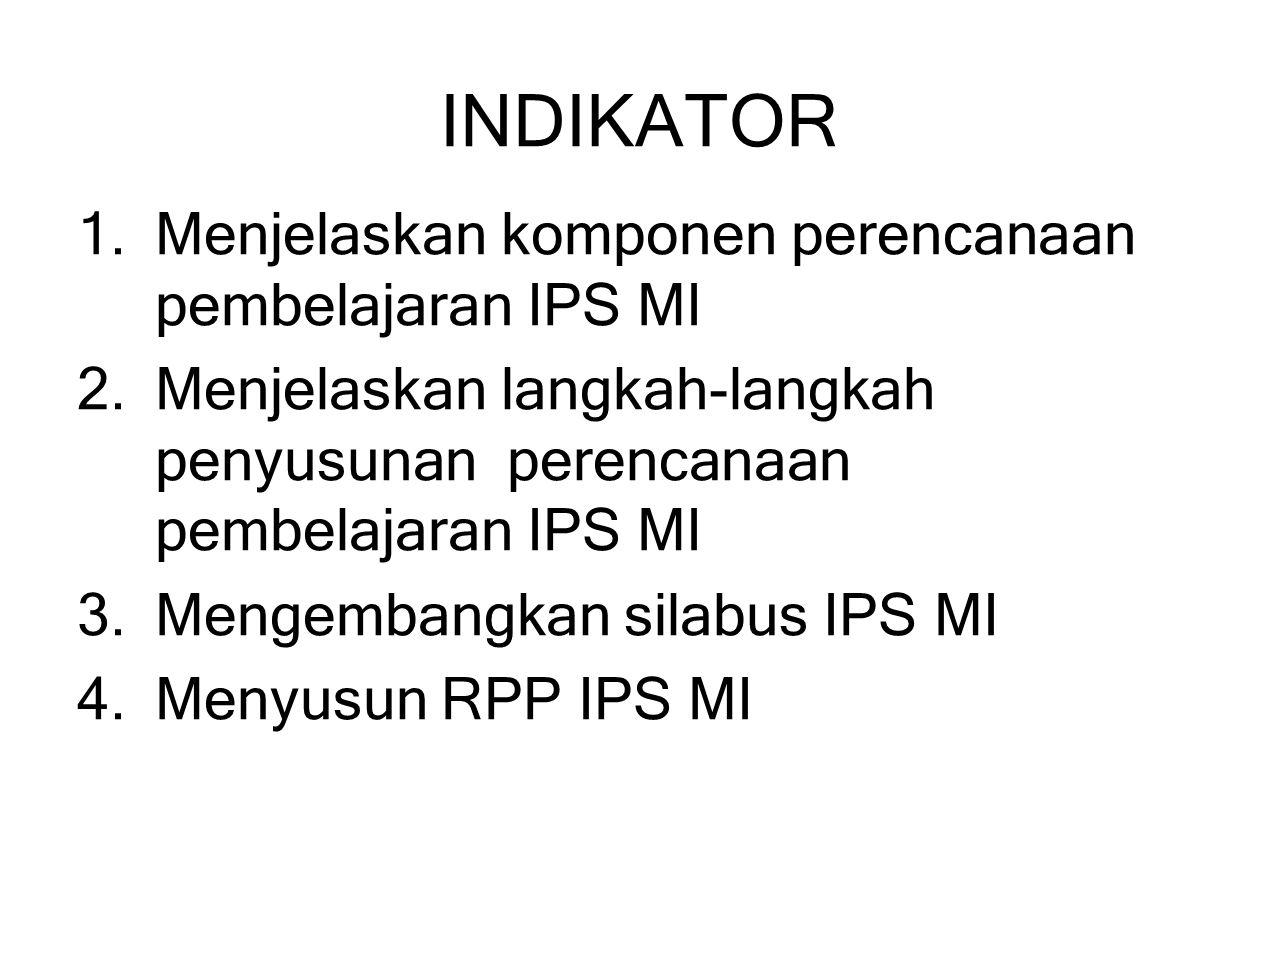 INDIKATOR Menjelaskan komponen perencanaan pembelajaran IPS MI